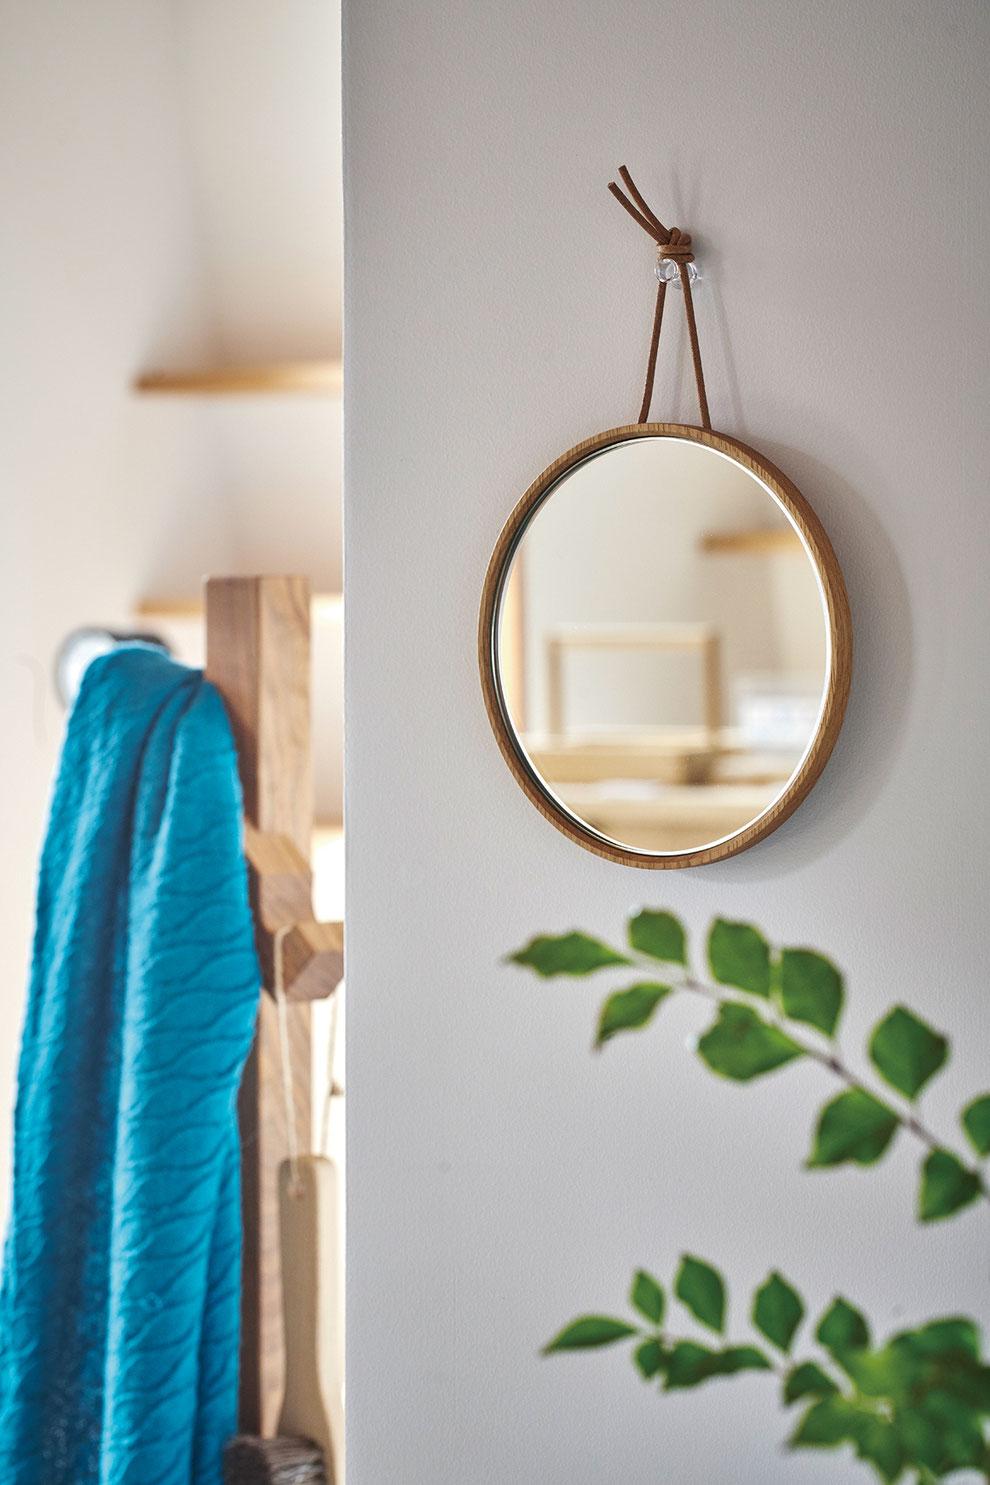 クラスコファニチャー オリジナル家具 壁掛けミラー ミラー 無垢材 オイル仕上げ